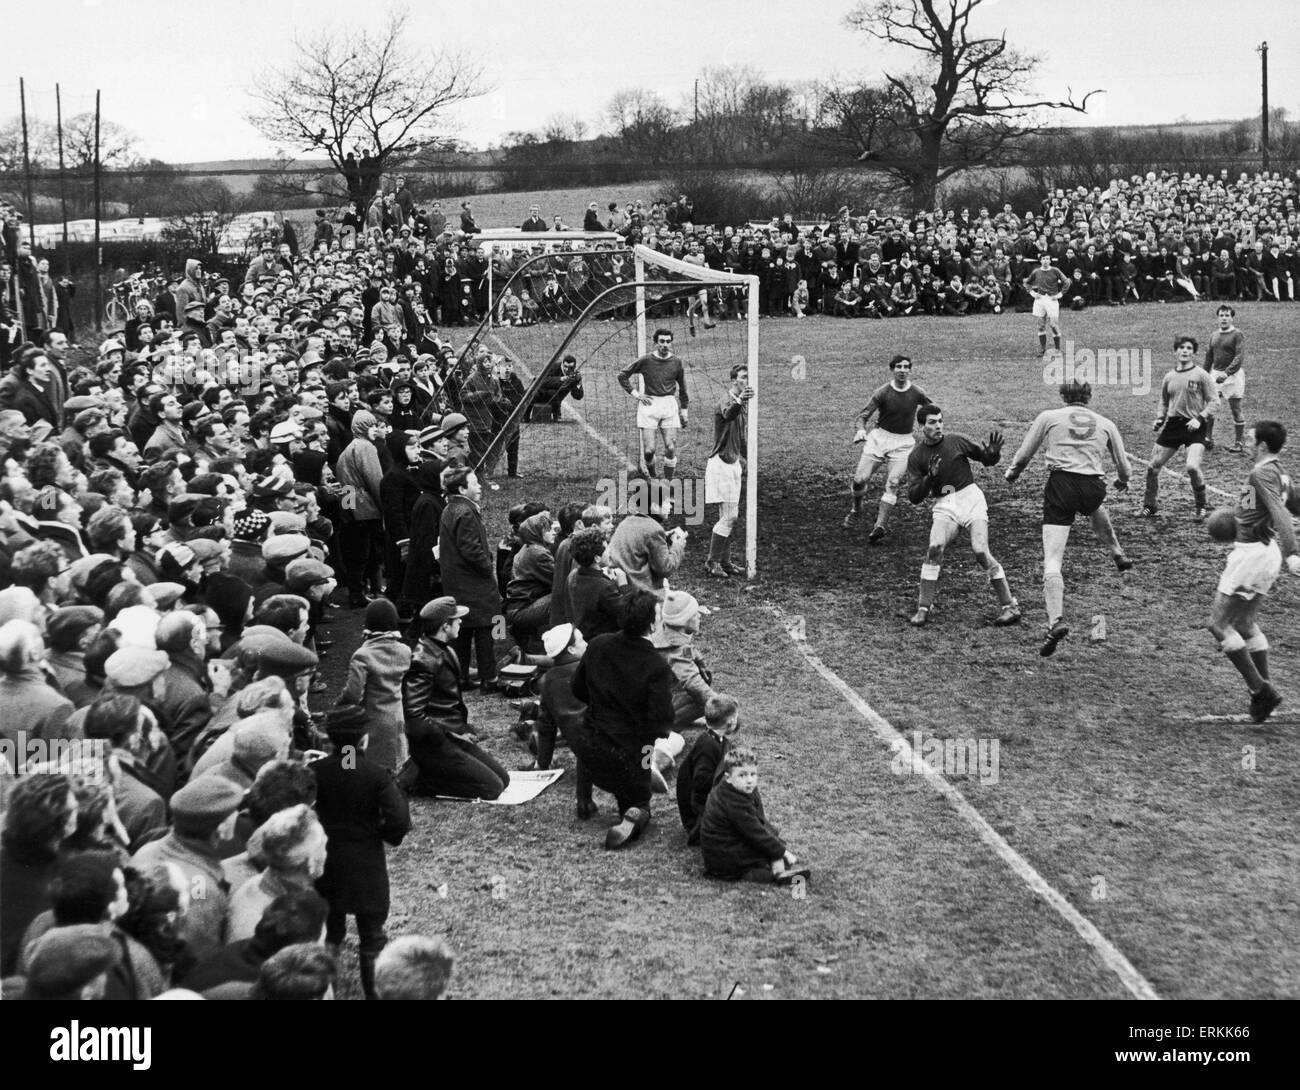 Die Schlussphase der FA Amateur Cup-dritte Runde match zwischen Alvechurch und Wealdstone Lauge Wiese. Alvechurch Stockfoto